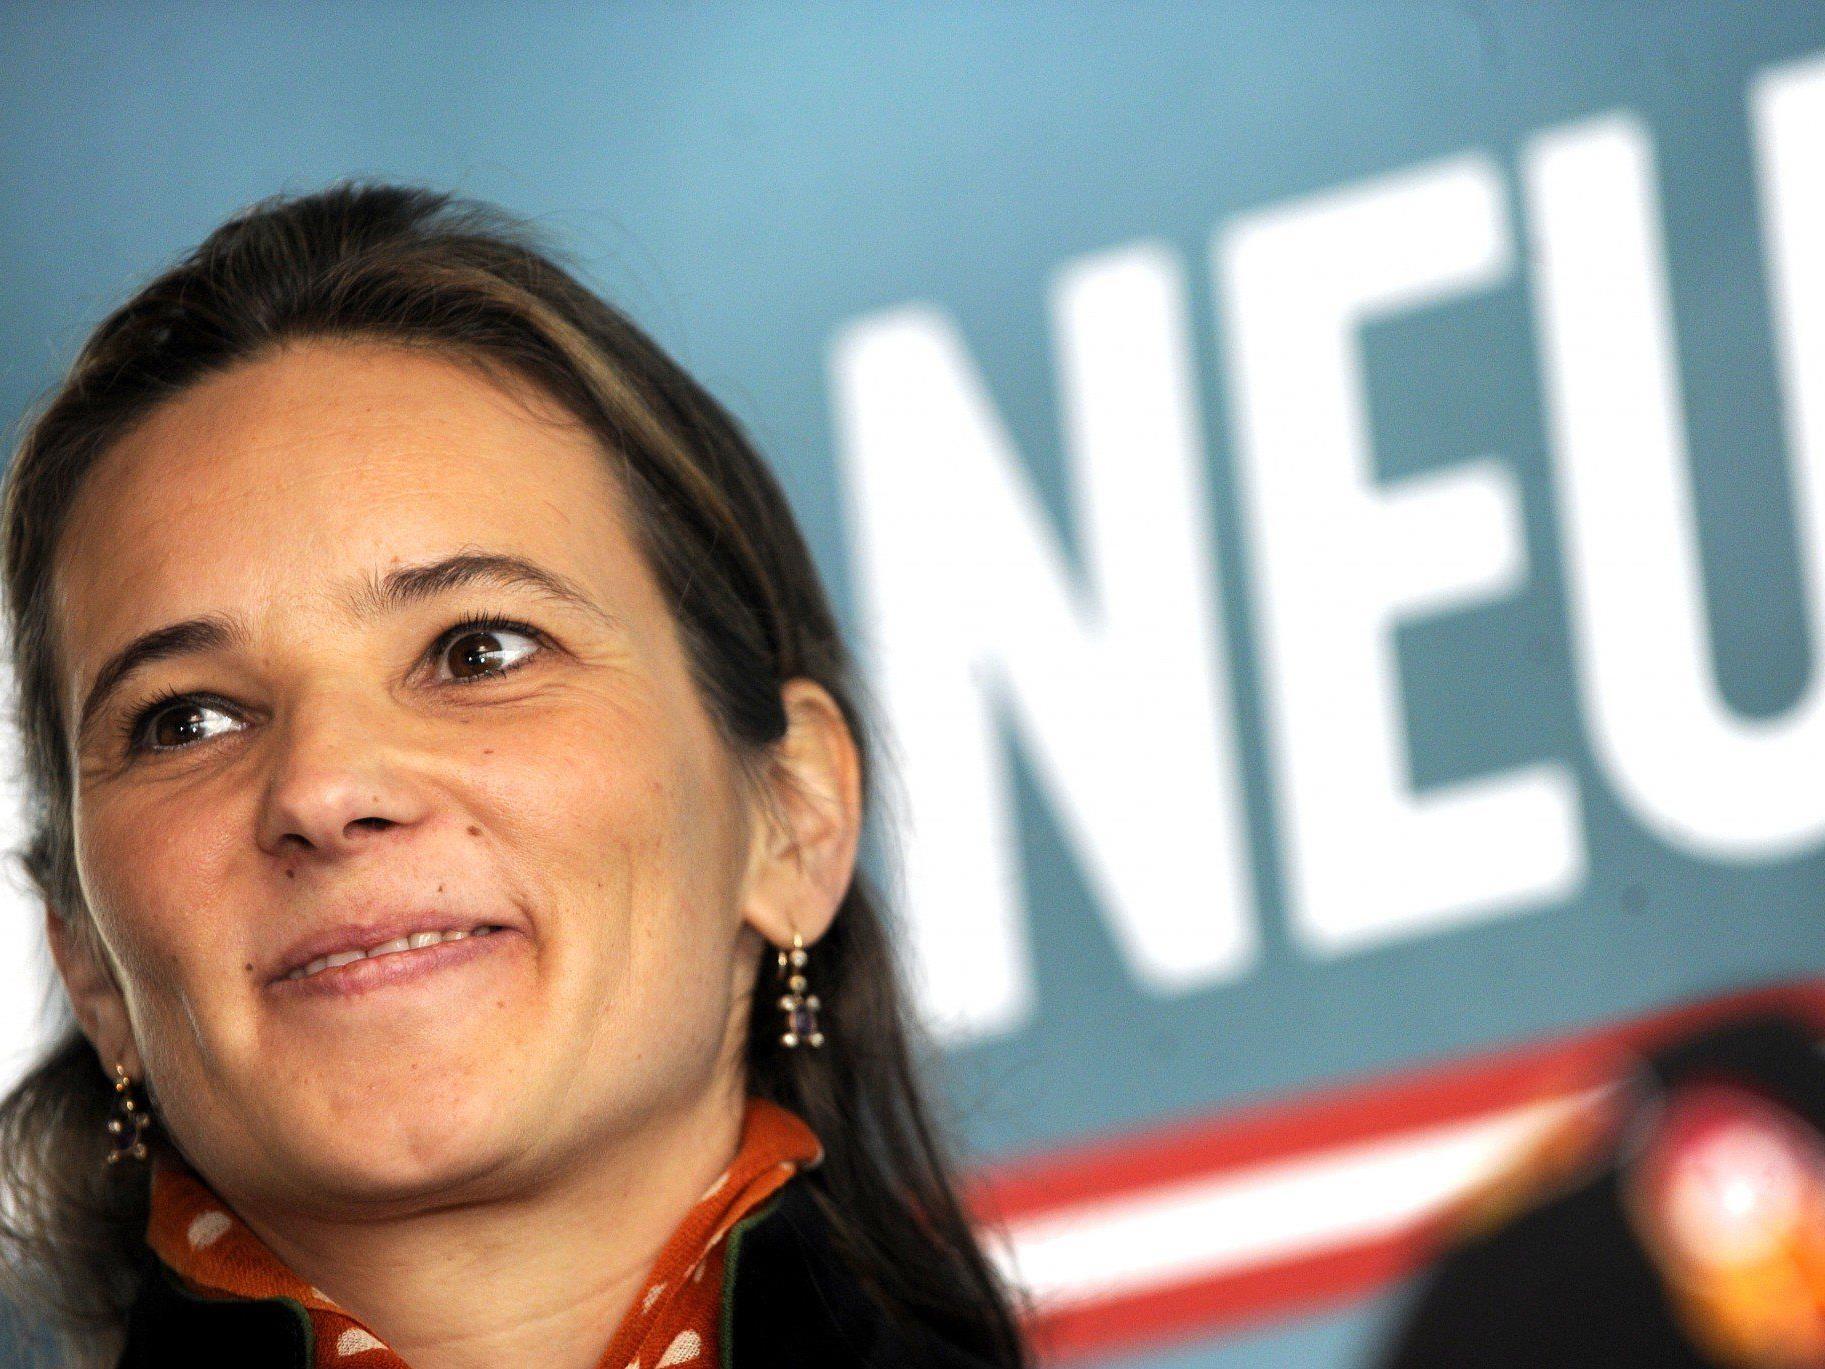 Ulrike Haider tritt für das BZÖ zur EU-Wahl an.